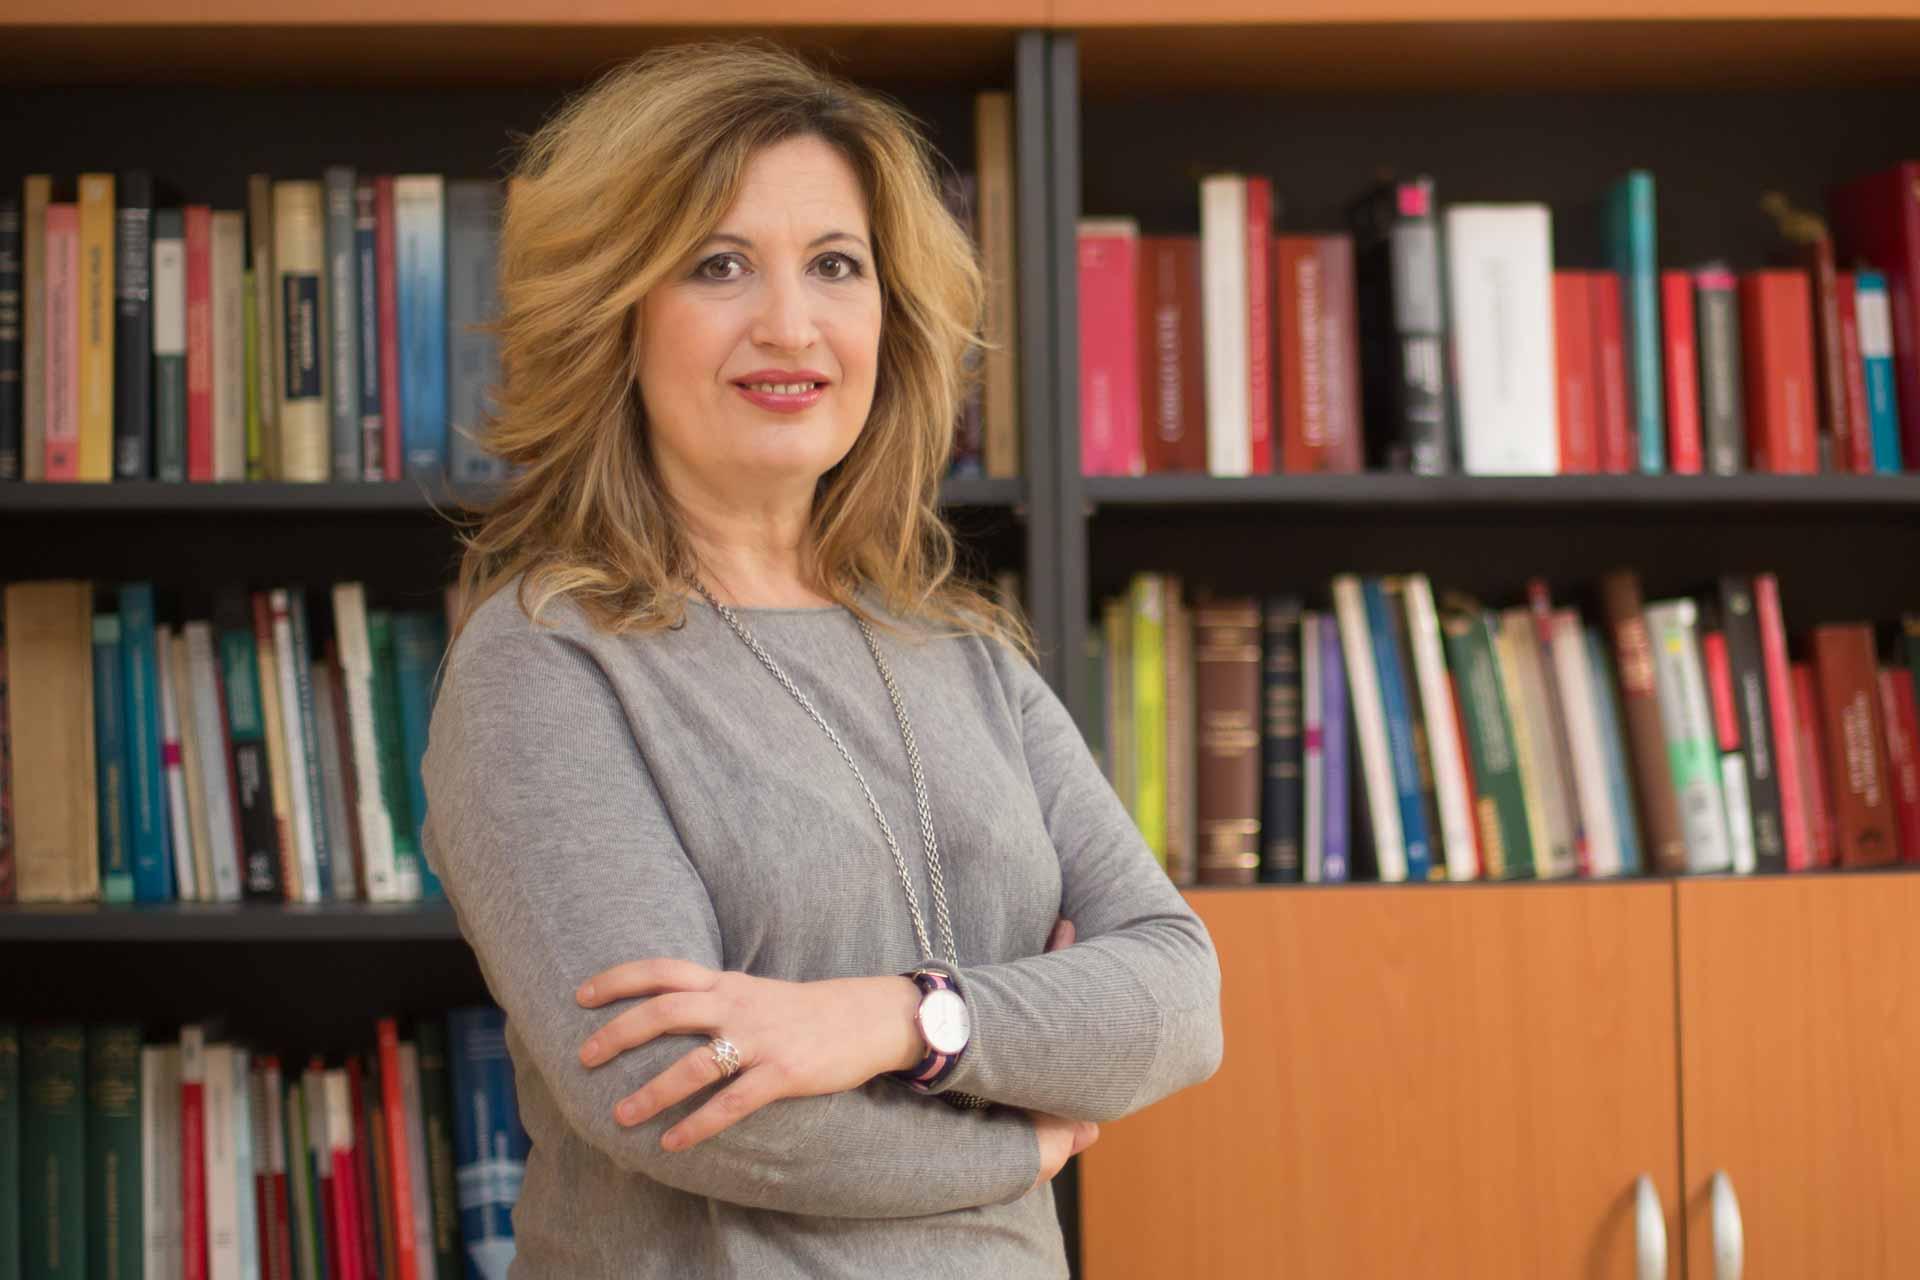 María José Martí en su despacho en Valencia, retrato profesional